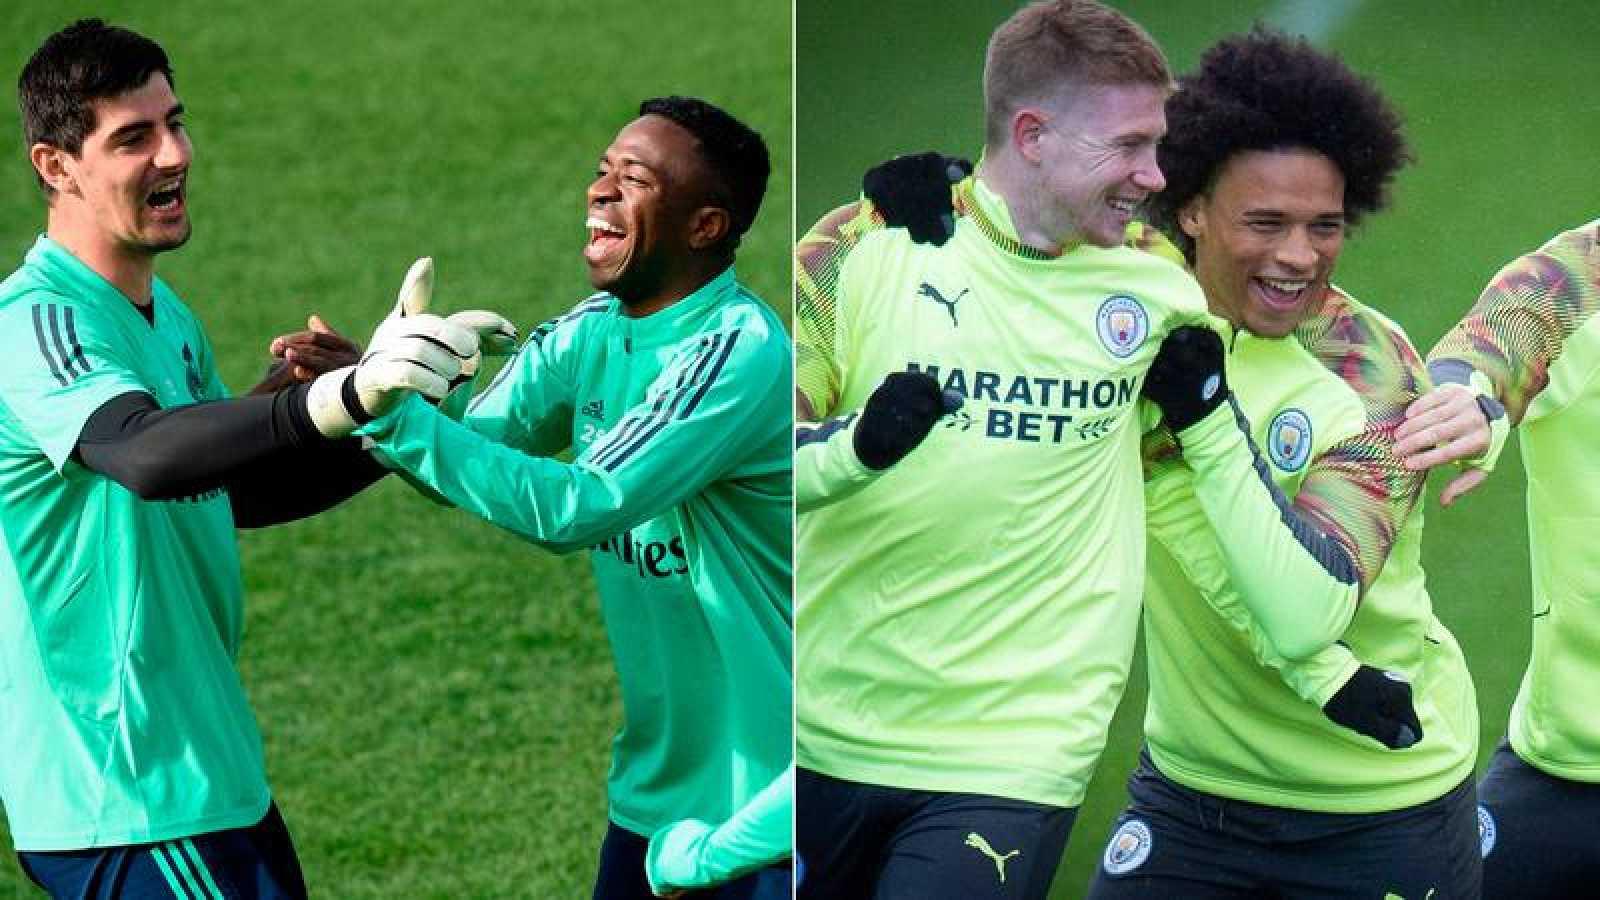 Thibaut Courtois, Vinizius Jr., Kevin De Bruyne y Leroy Sané sonríen en los entrenamientos previos al duelo entre Real Madrid y Manchester City.